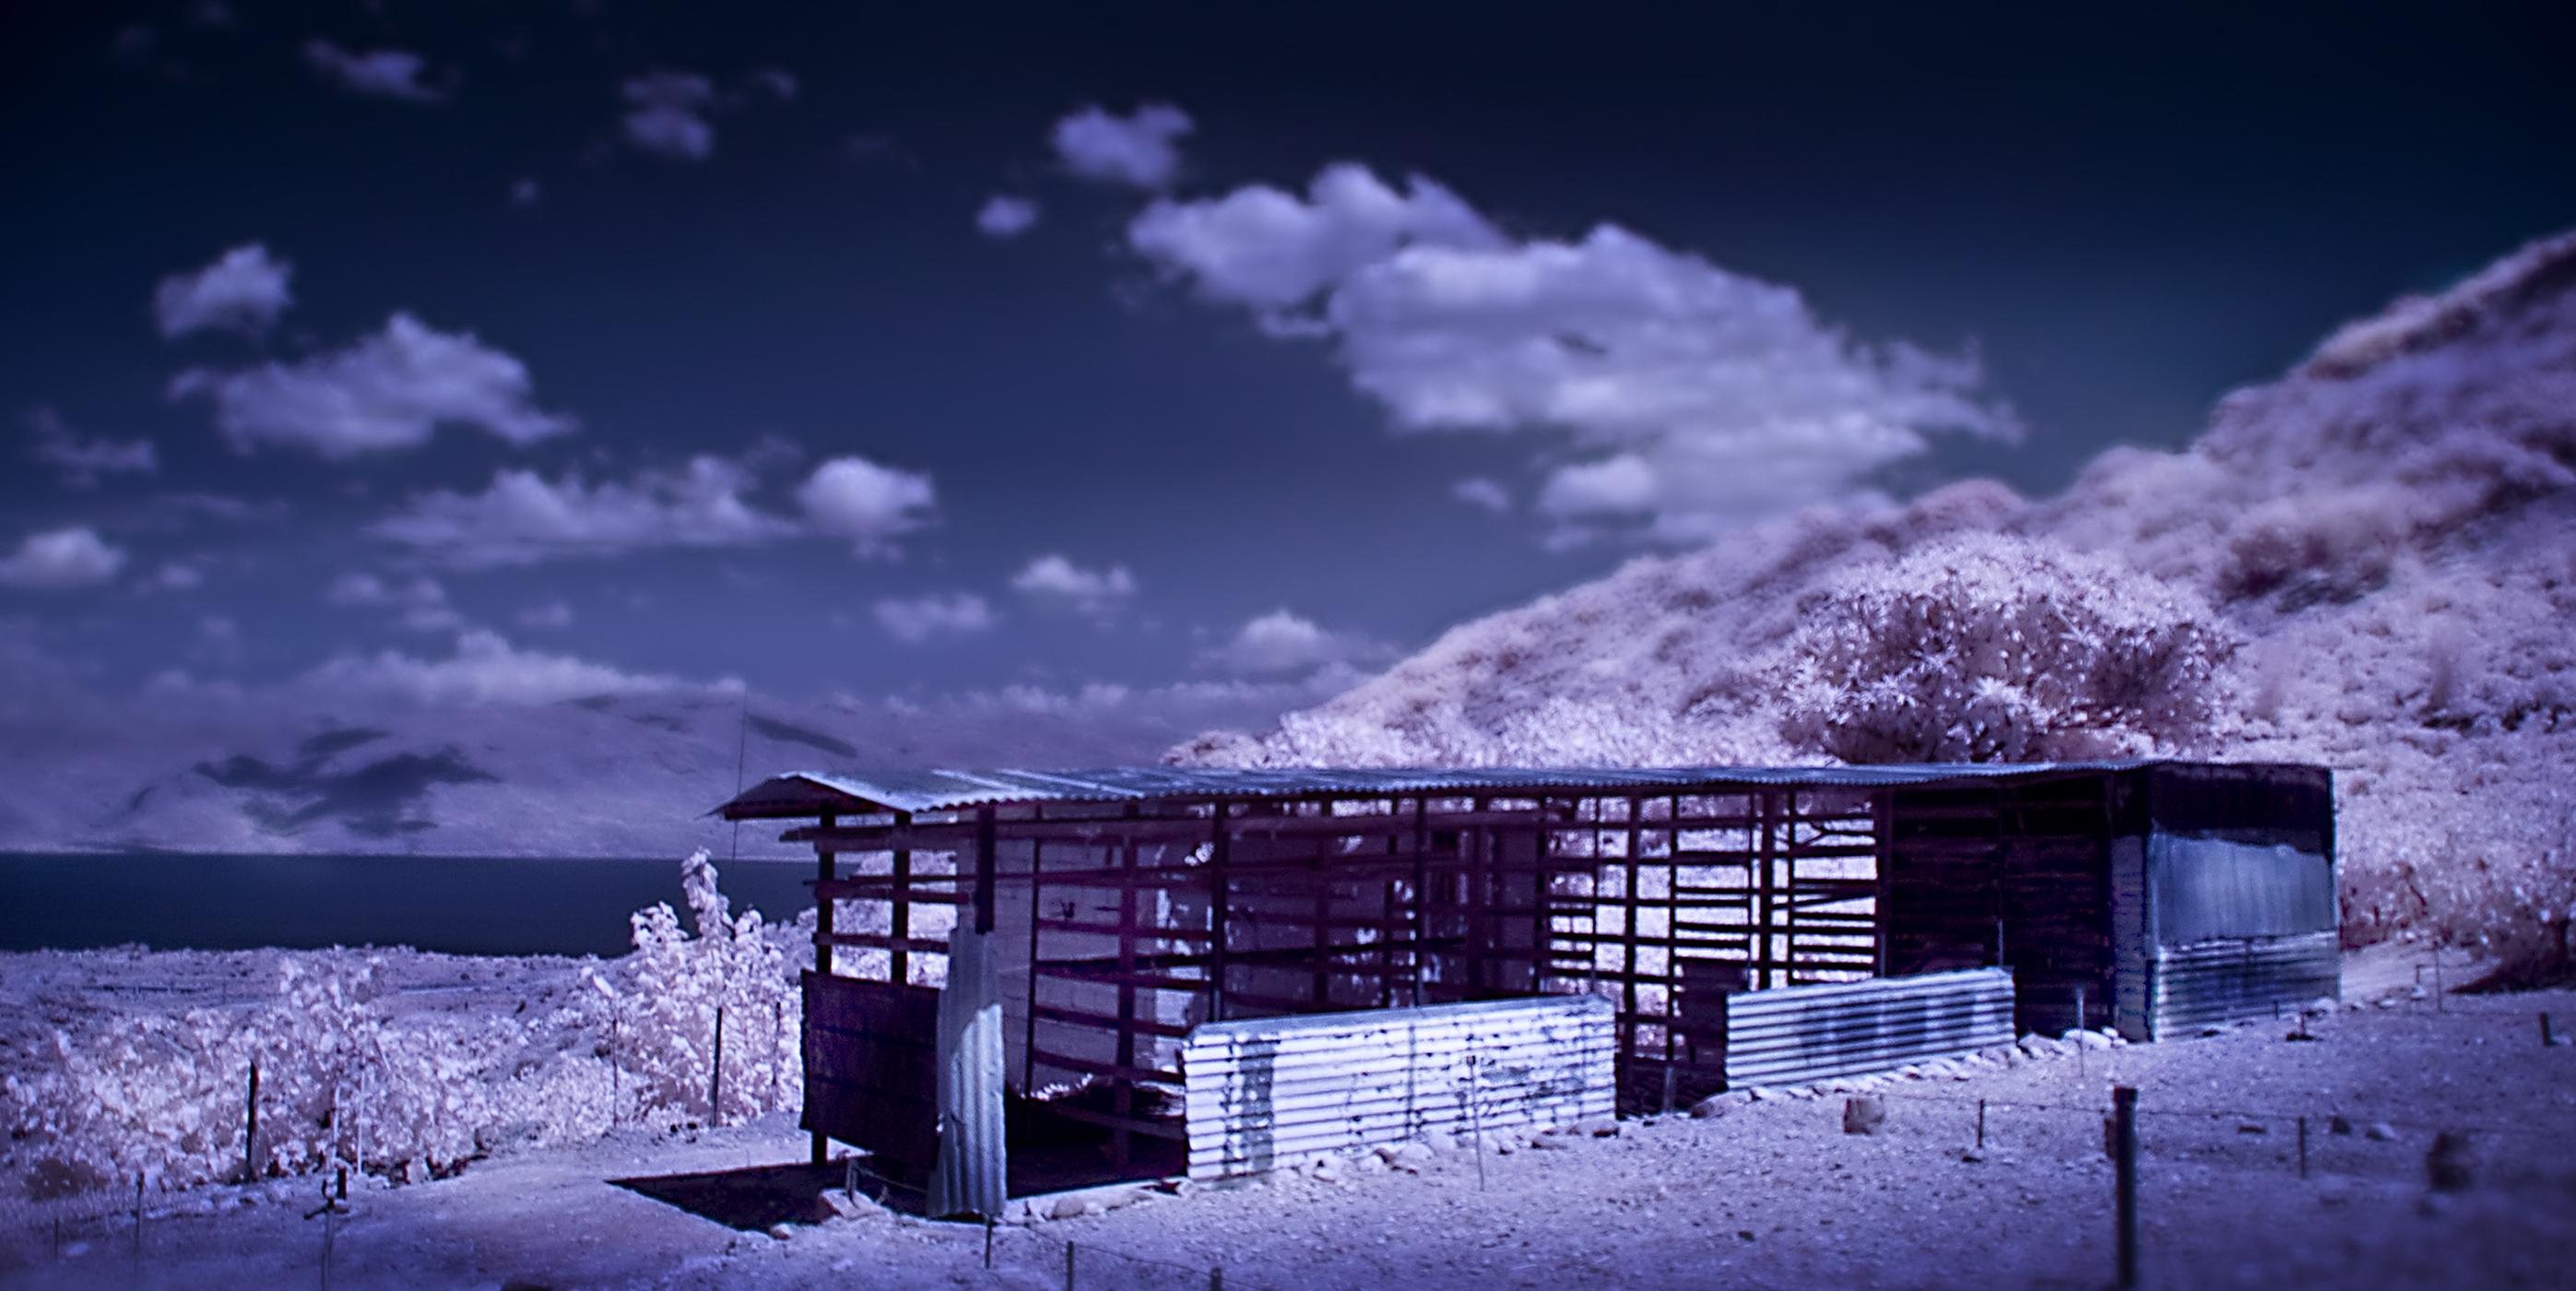 Infra5 vineyard shed